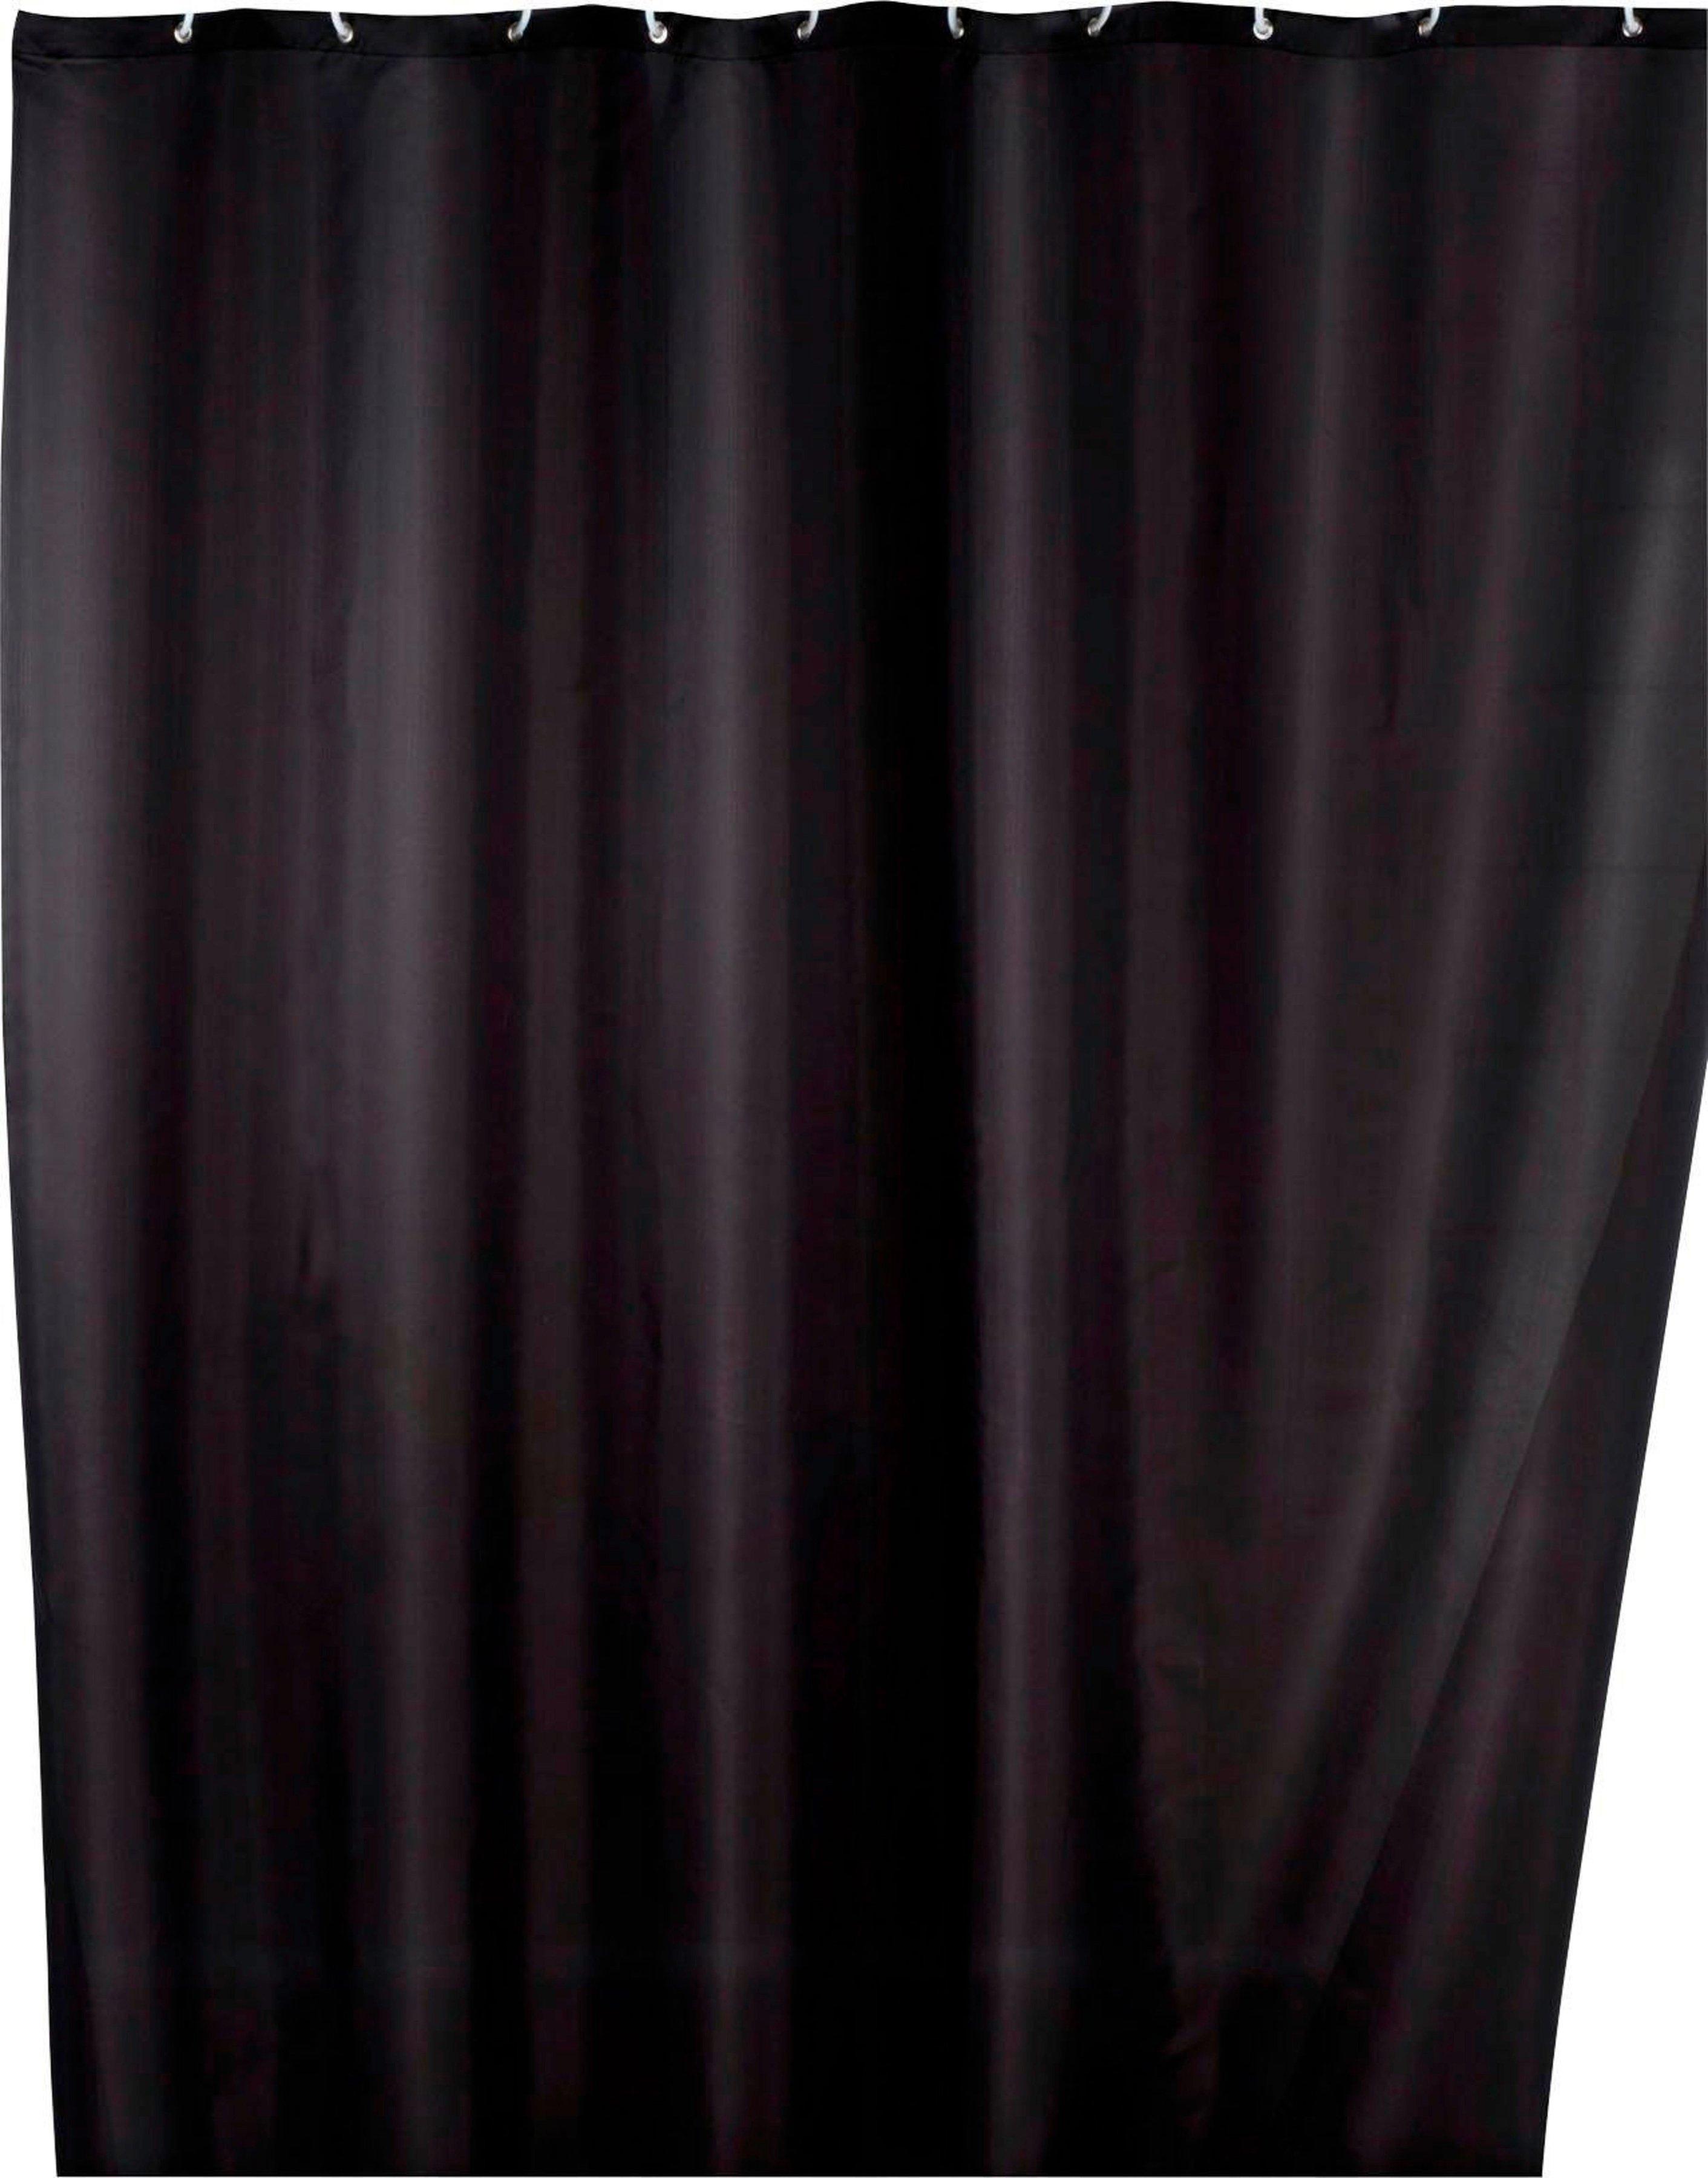 WENKO douchegordijn Uni black Hoogte 200 cm, polyester. Wasbaar online kopen op otto.nl